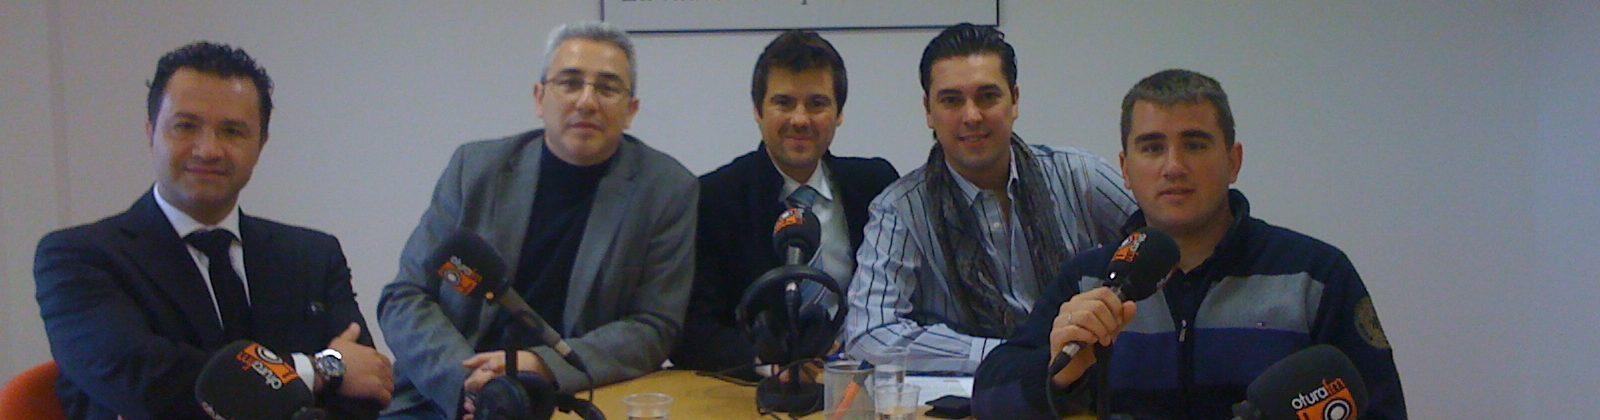 Emprendedores Digitales Radio Programa 2 Redes Sociales